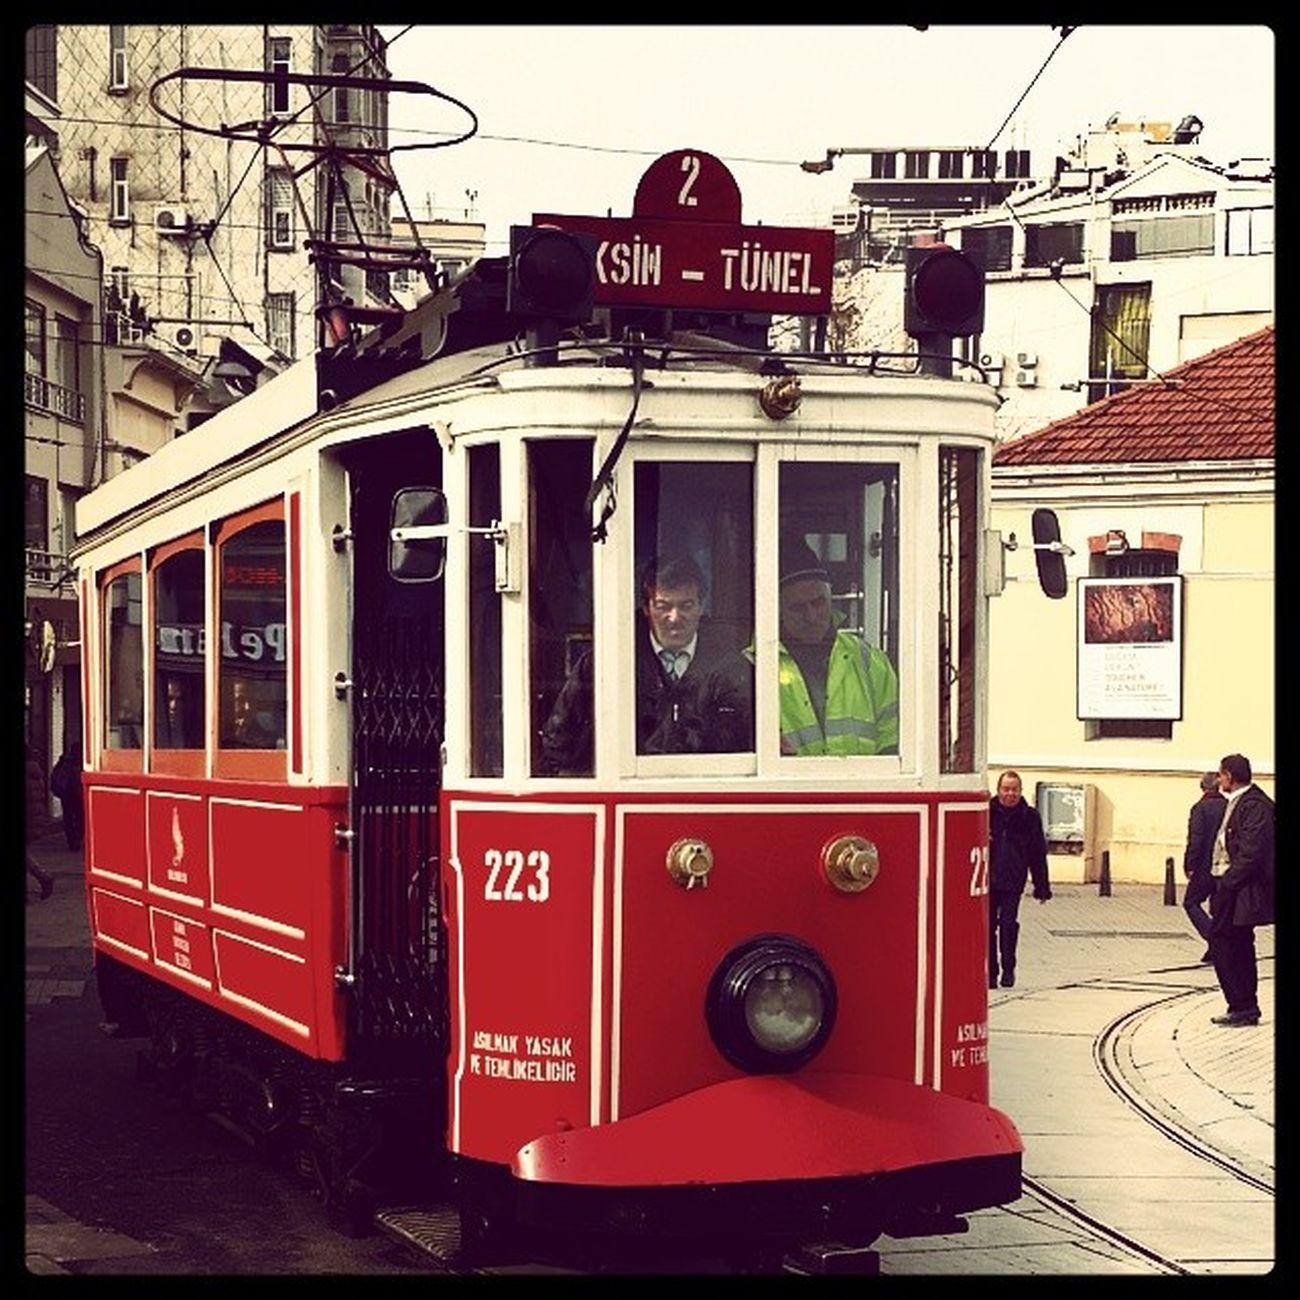 Istanbul Tarih  Nostalji Iett taksimistiklalcaddesi... istanbul un vazgeçilmezlerinden